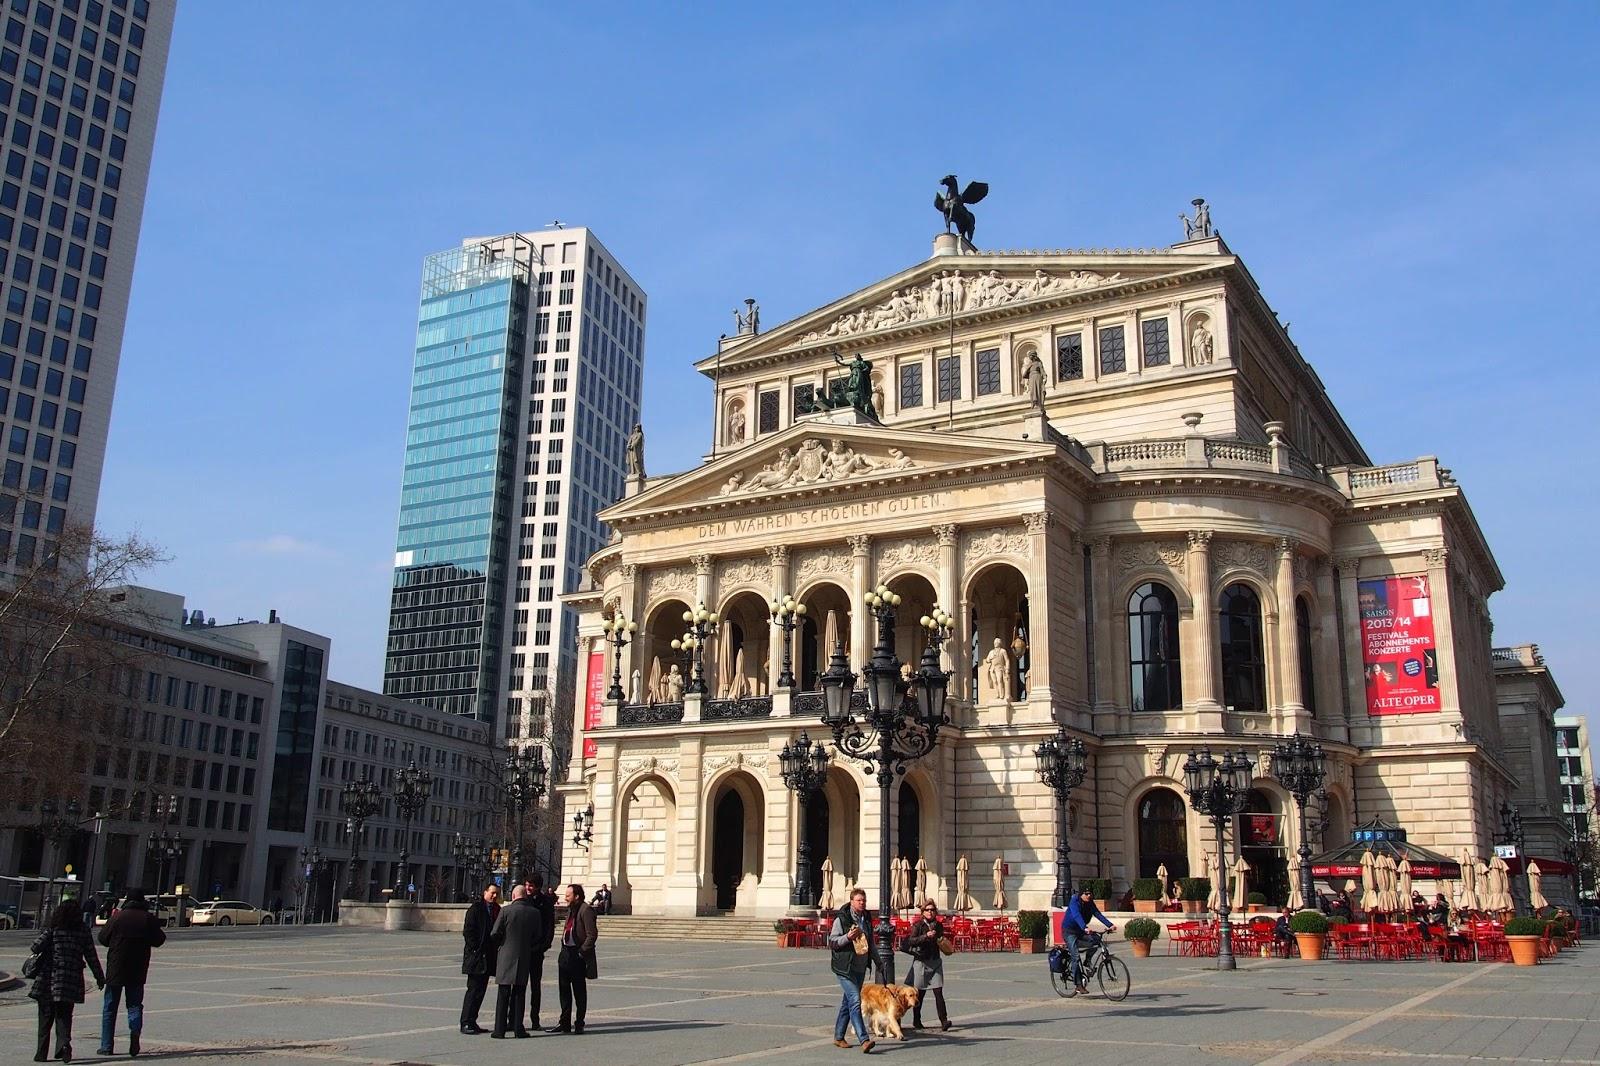 5 Amazing Places To Visit in Frankfurt 2018 5 Amazing Places To Visit in Frankfurt 2018 5 Amazing Places To Visit in Frankfurt 2018 P4040388